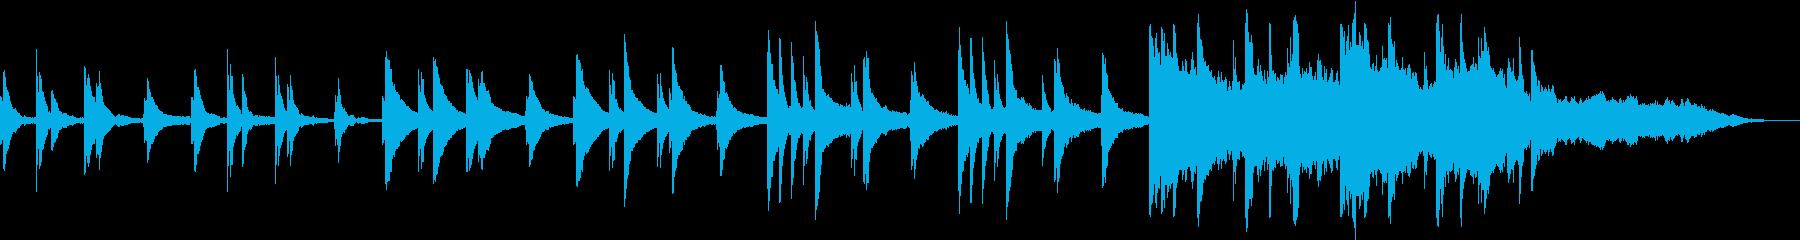 ピアノのゆったりしたバラードの再生済みの波形